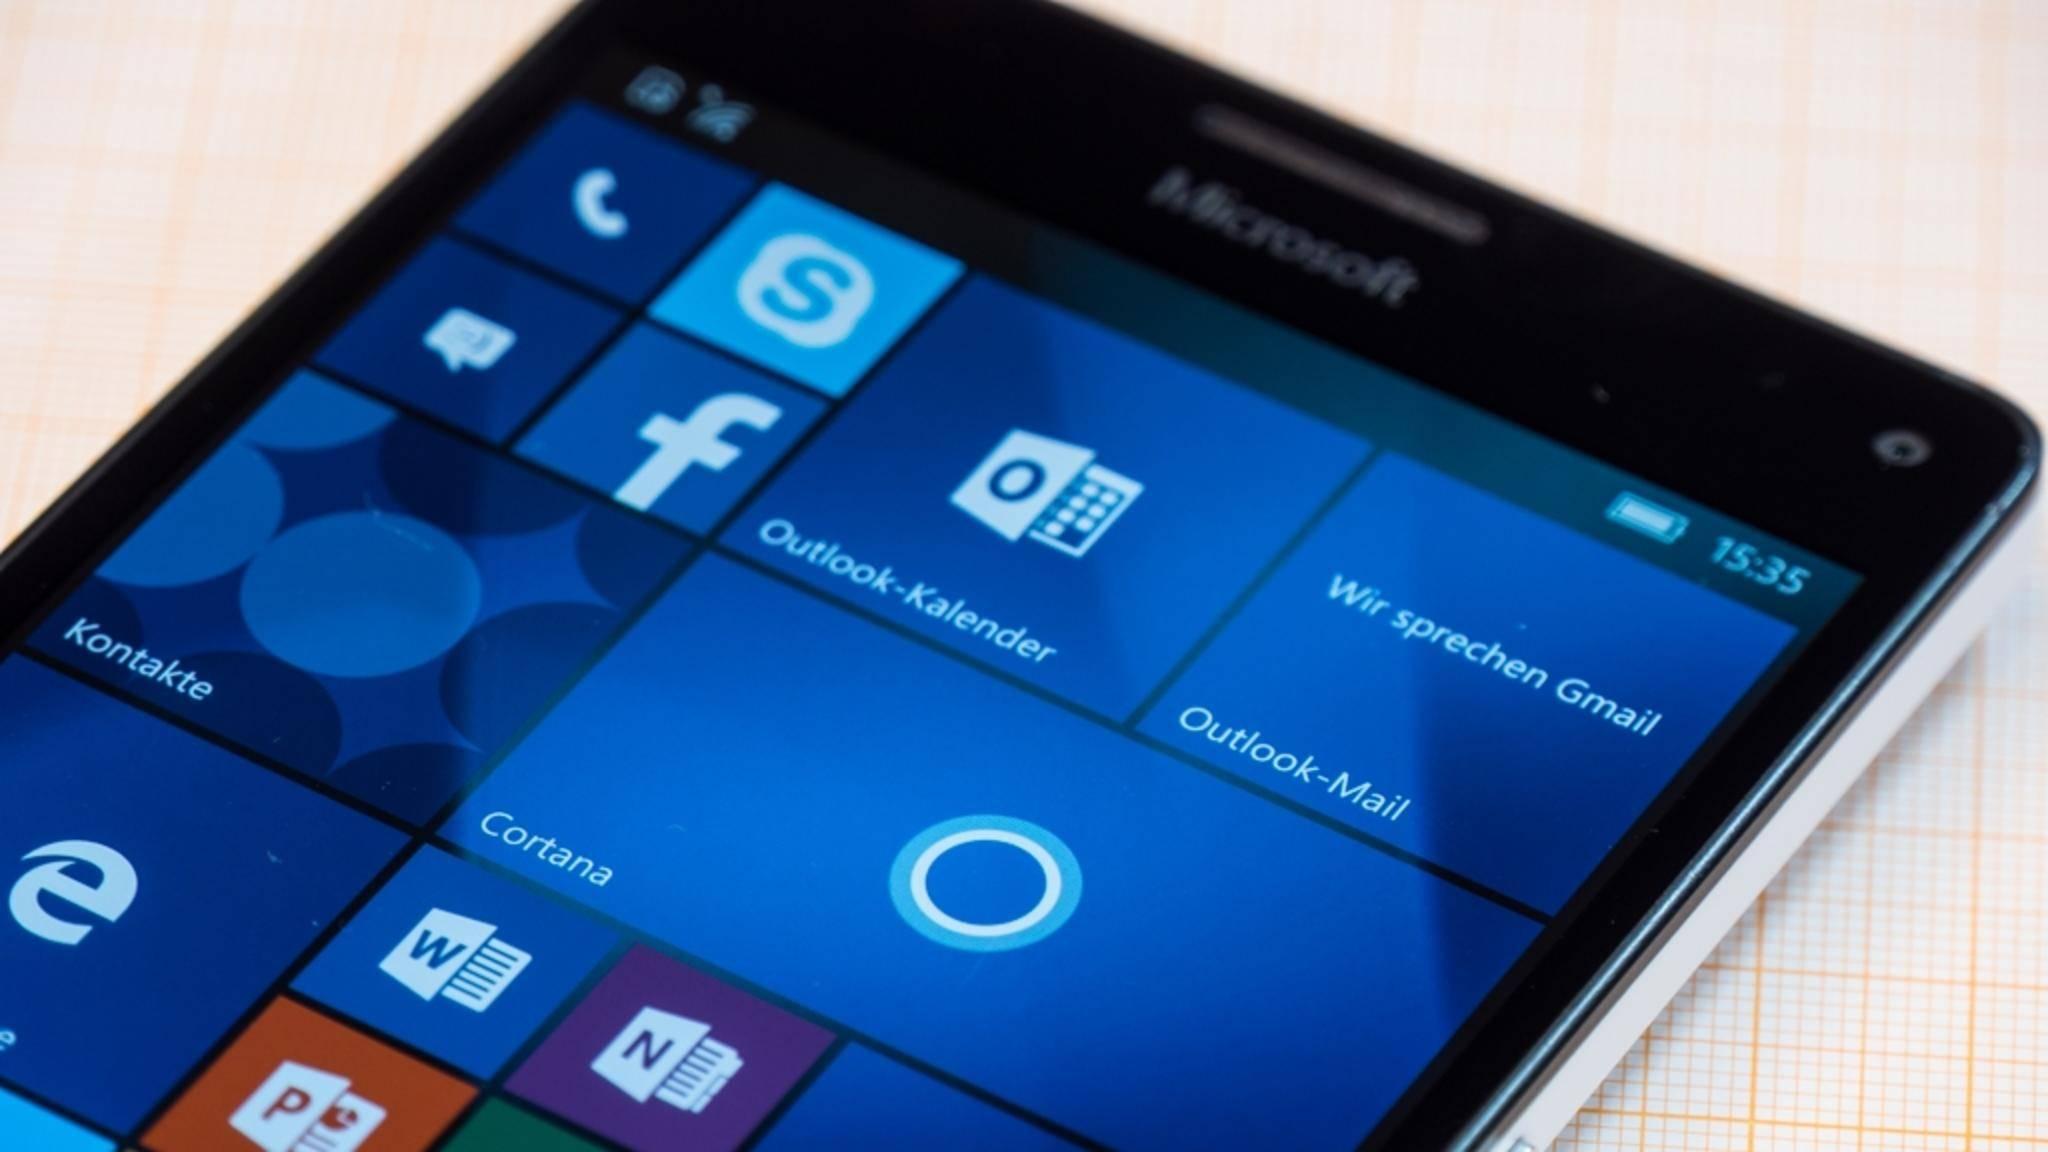 Auf Lumia-Smartphones wird es kein vollwertiges Windows 10 geben.